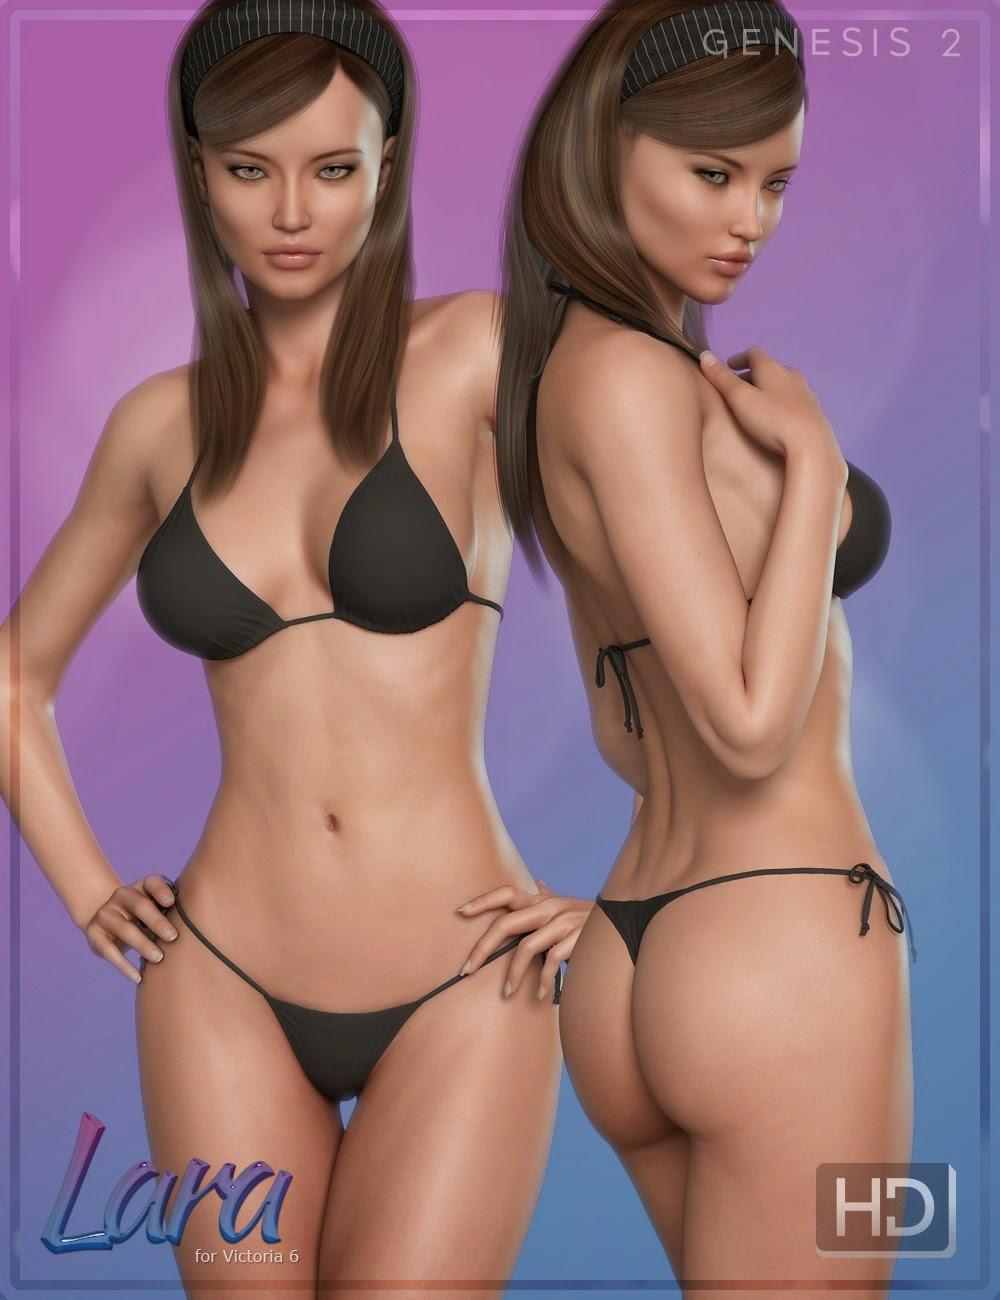 3d Models - FW Lara HD